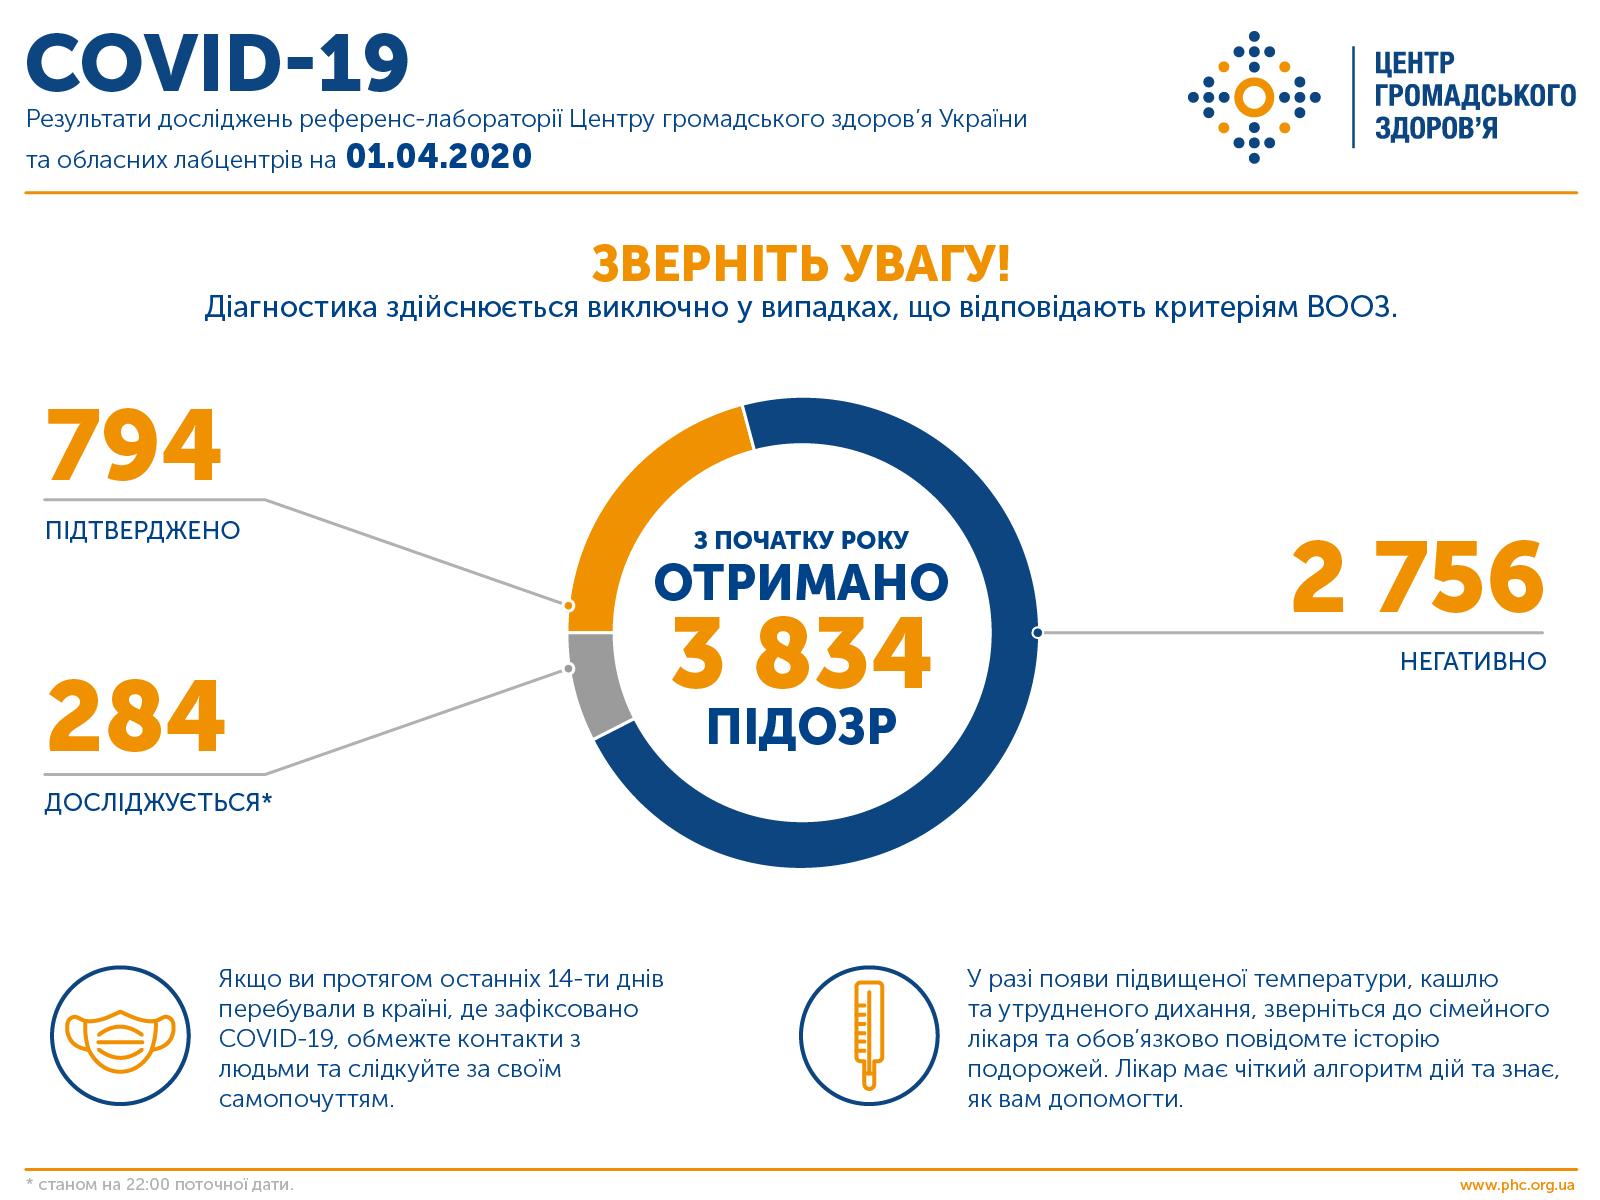 Плюс 125 больных и 3 смерти: в Украине – 794 случая коронавируса